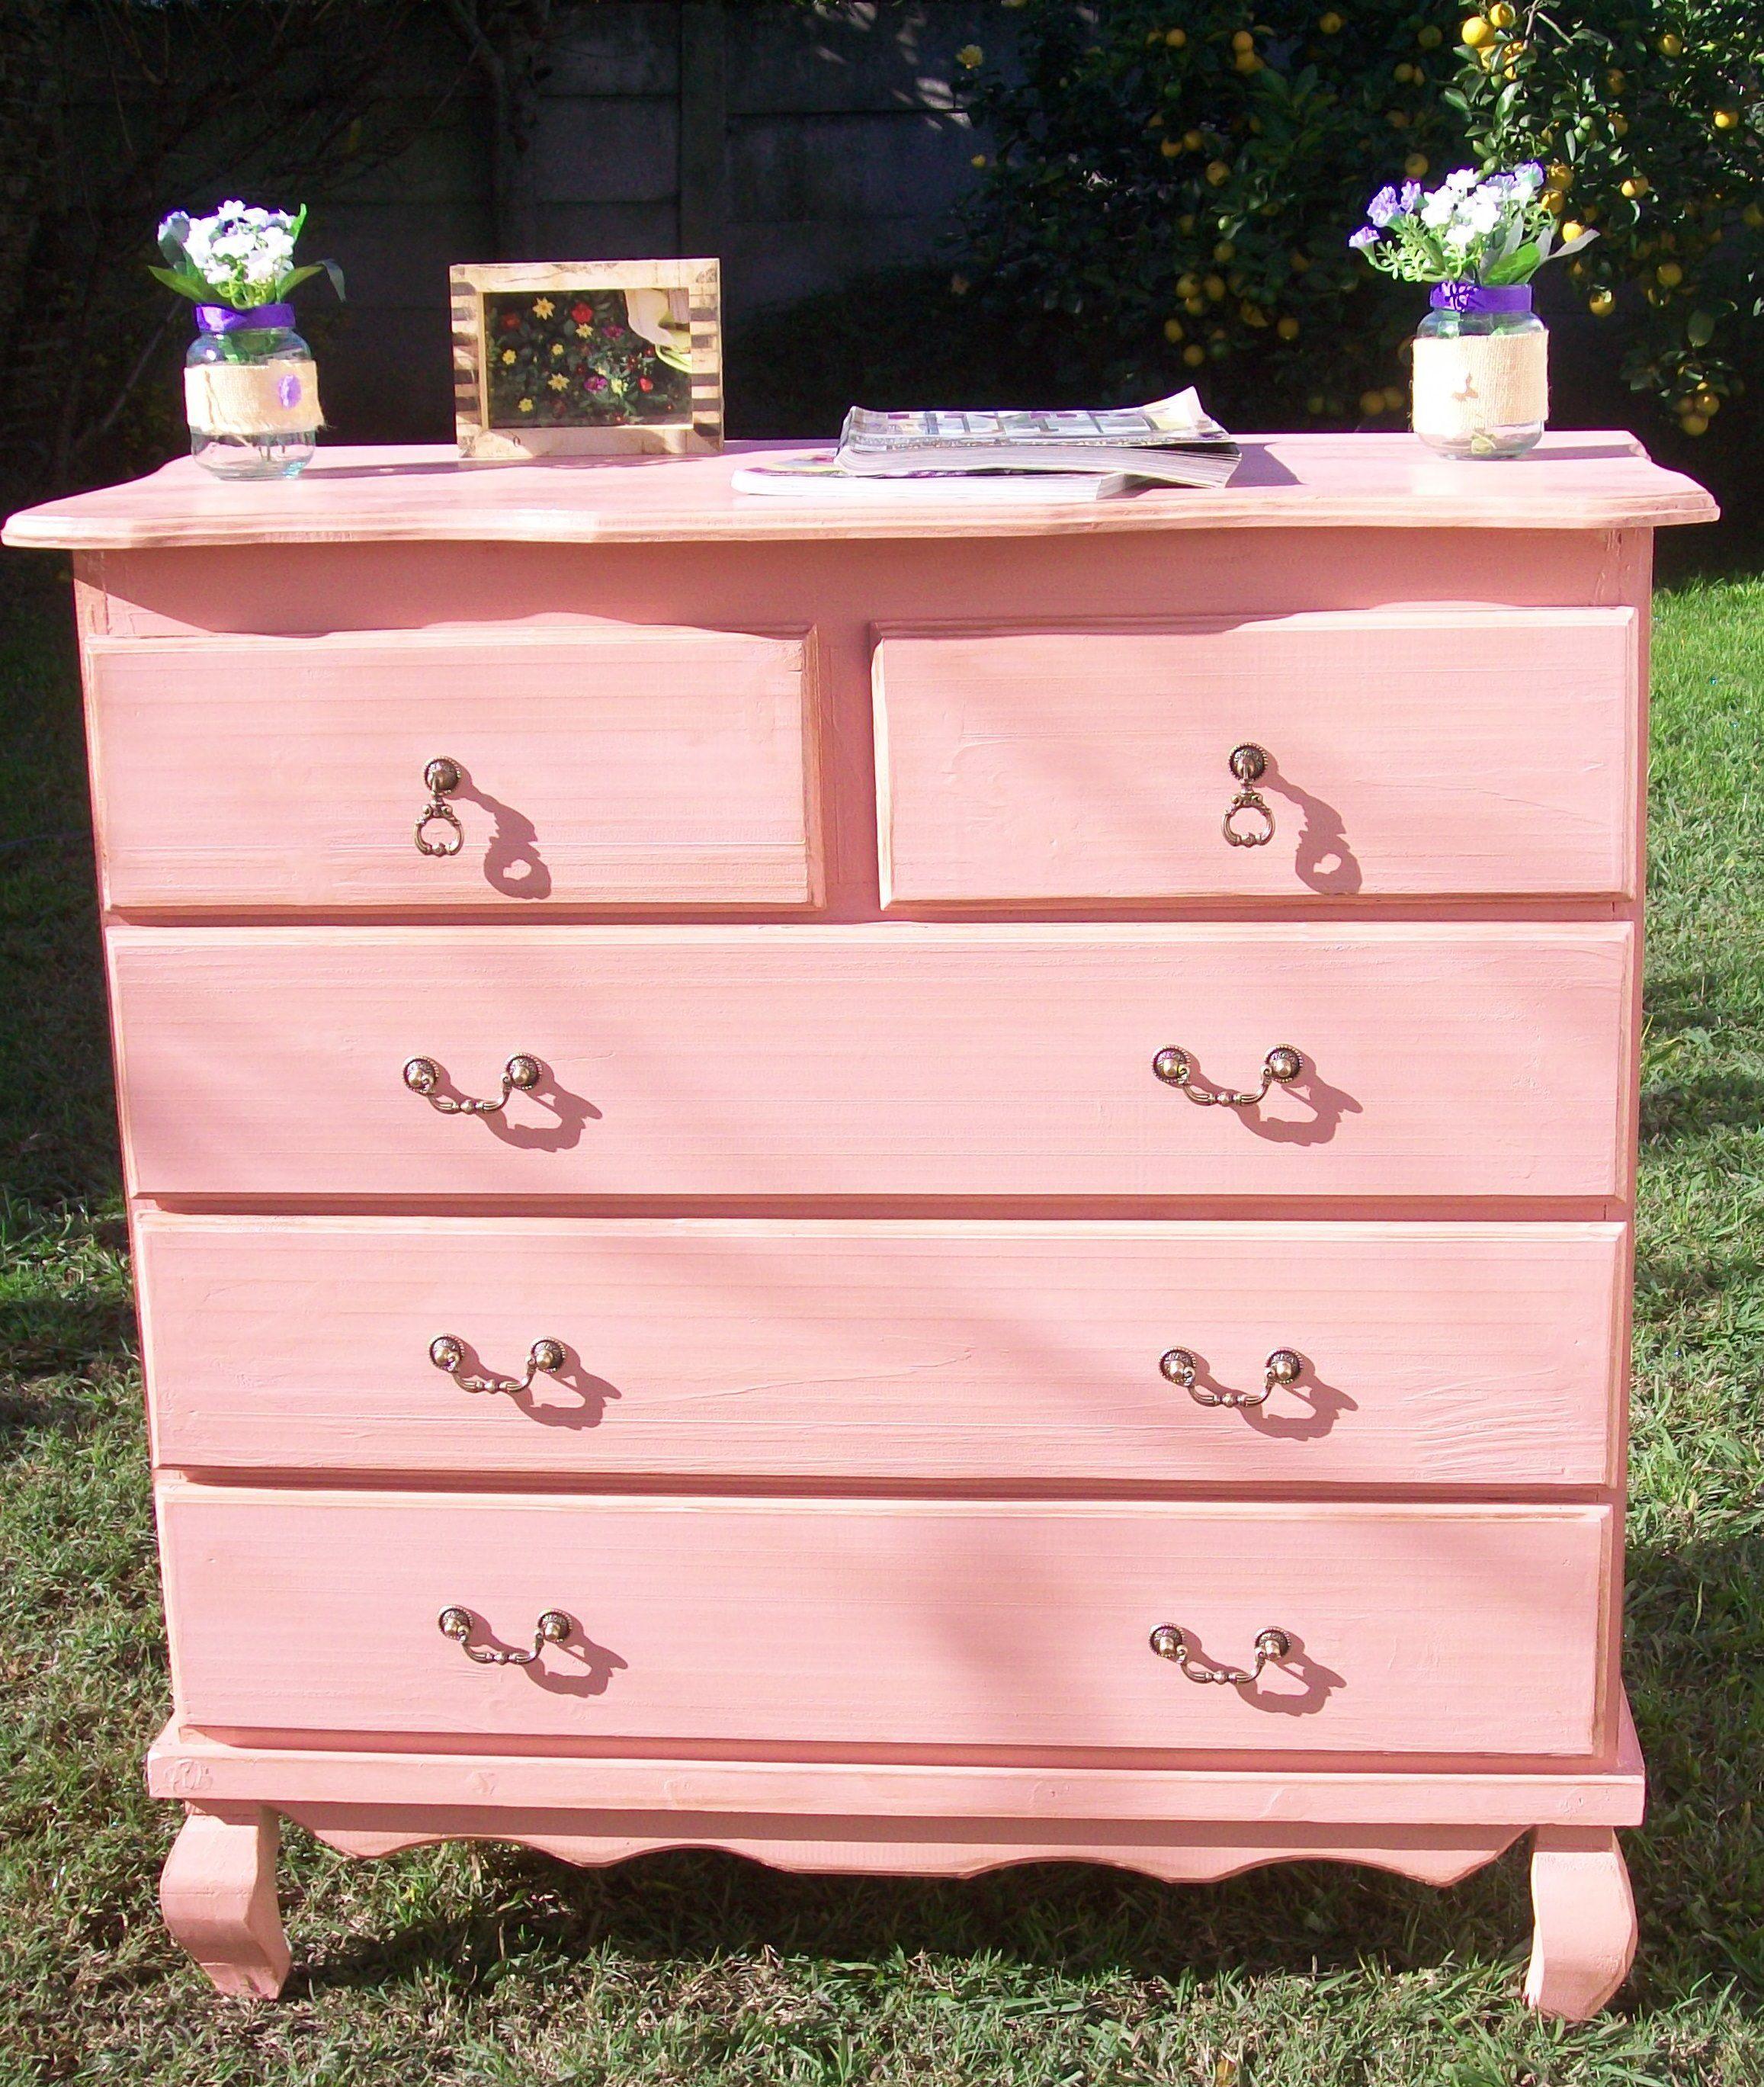 Comoda estiloprovenzal rosa vintage comodas chiffonier - Muebles restaurados vintage ...